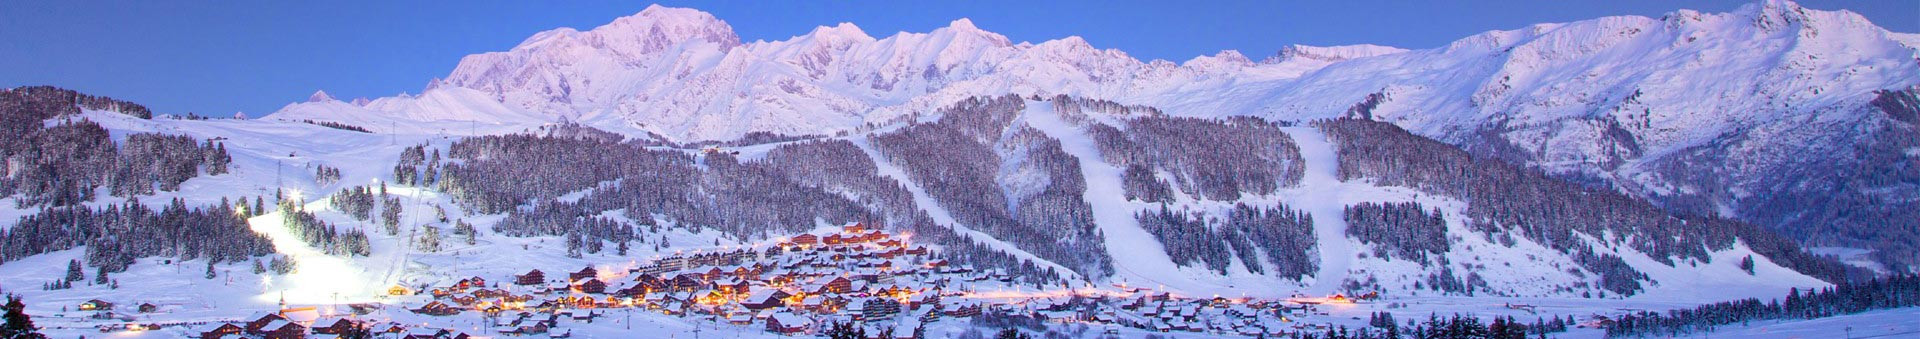 col-des-saisies-hiver-2559